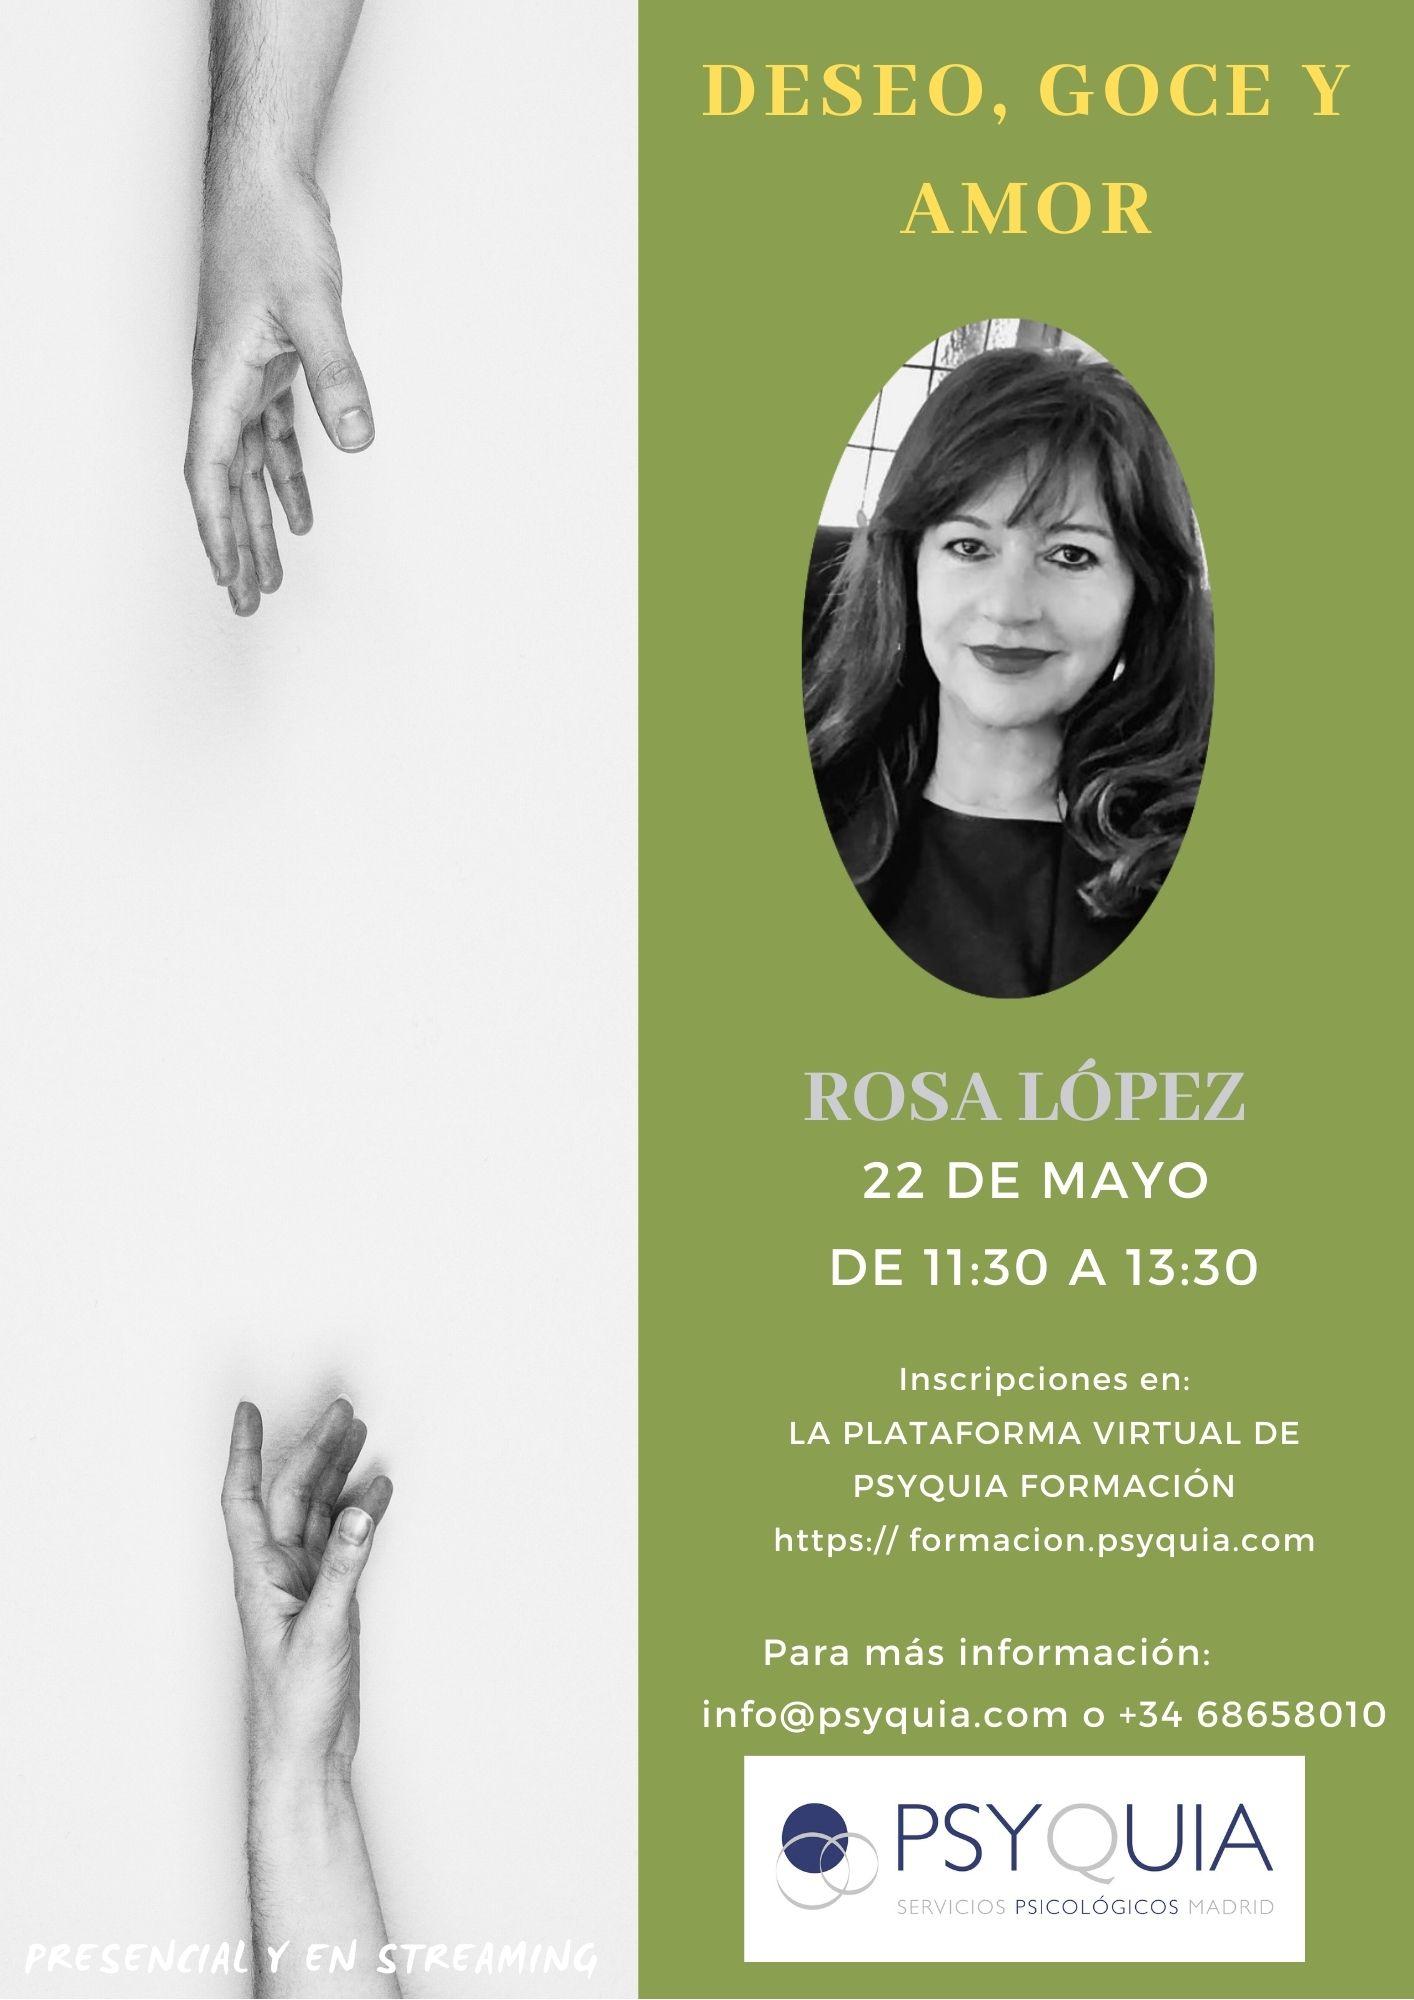 """Lección 8. Deseo, goce y amor. II CICLO """"DEL DESEO AL GOCE""""-  Rosa López"""